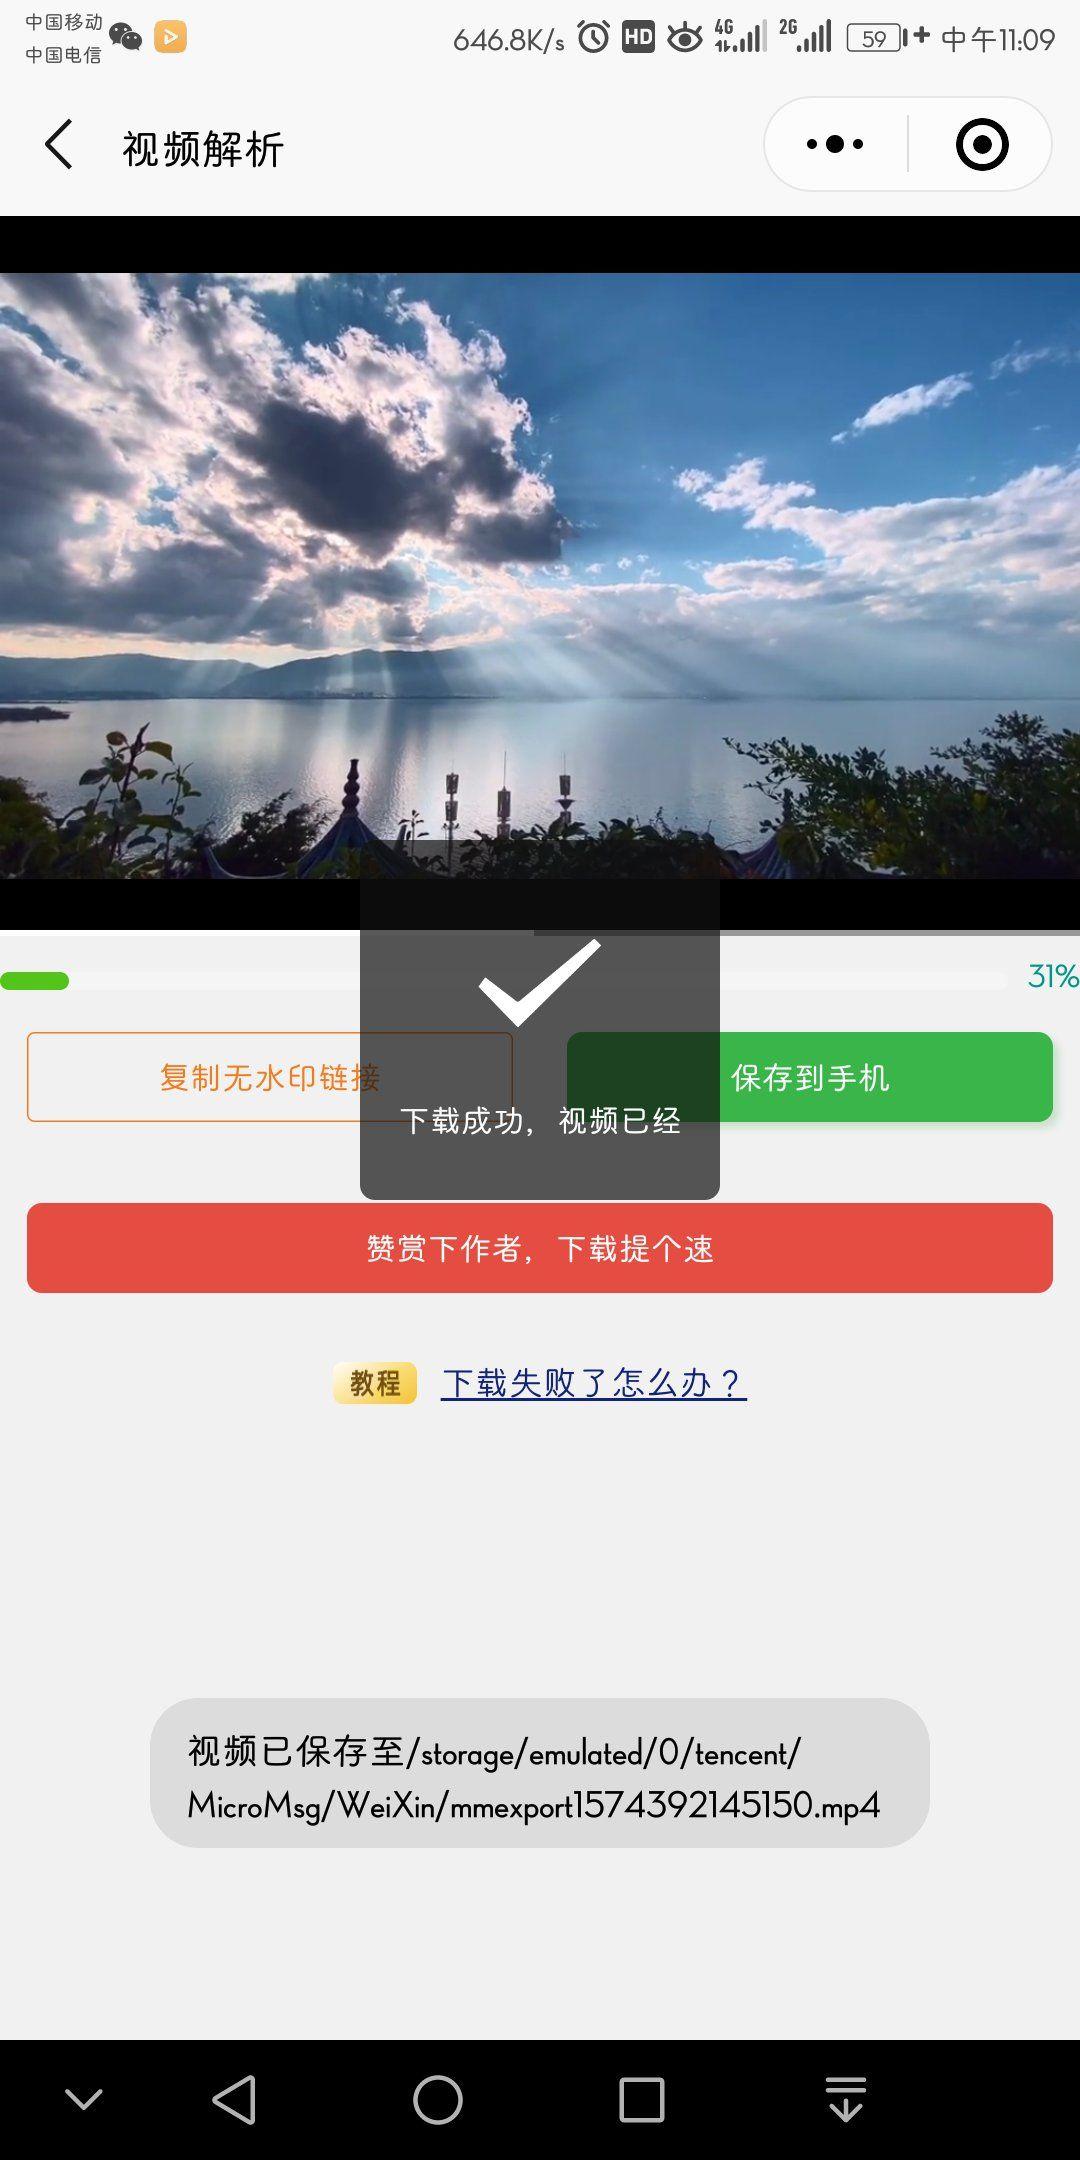 【小程序】B站皮皮虾抖音快手短视频去水印现支持80多个短视频平台-爱小助